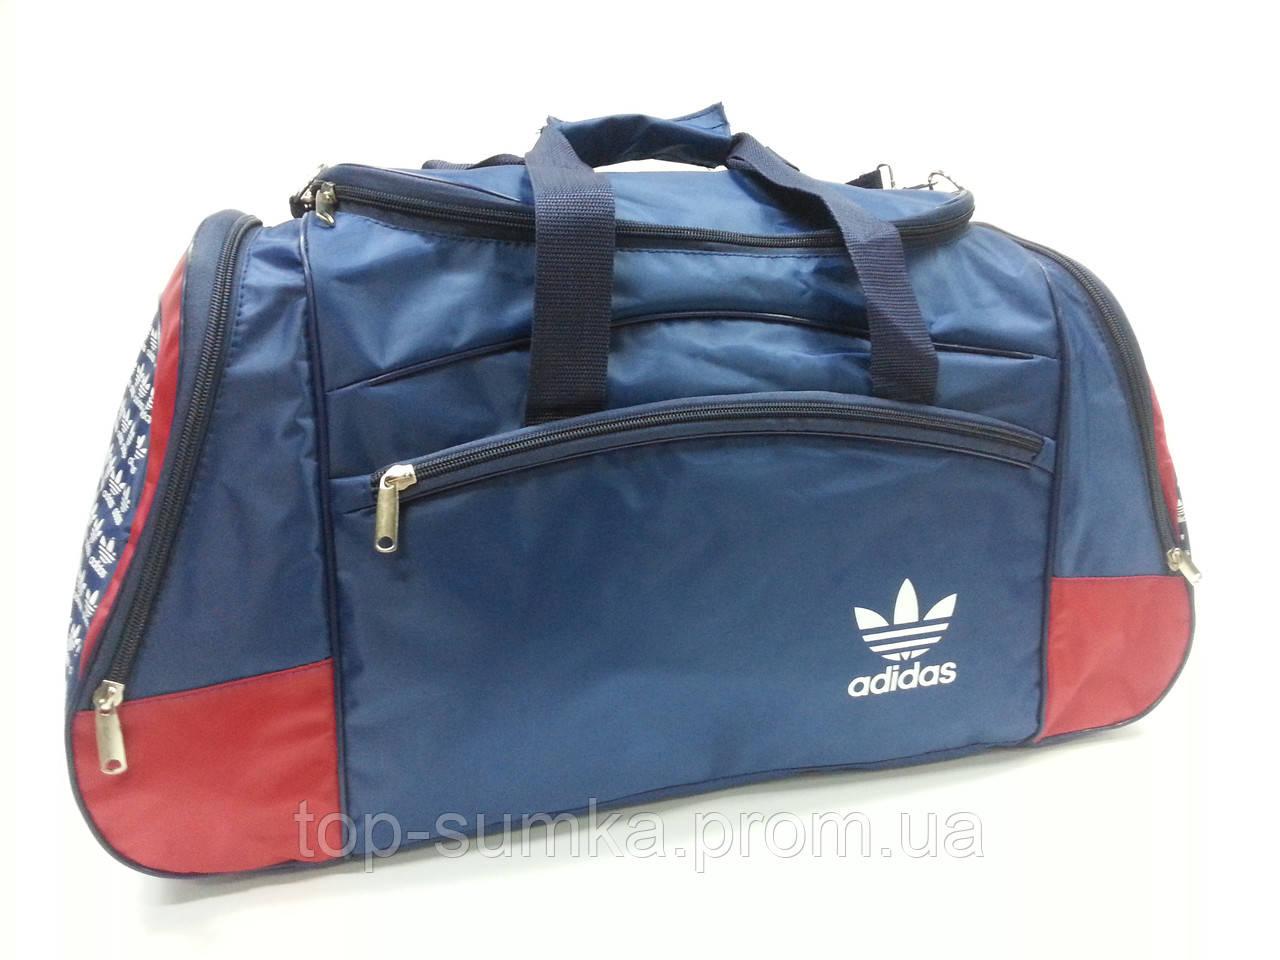 0b7ee03aadae Сумка Спортивная , Дорожная Adidas 19020. Синий/красный . Большая 53 ...